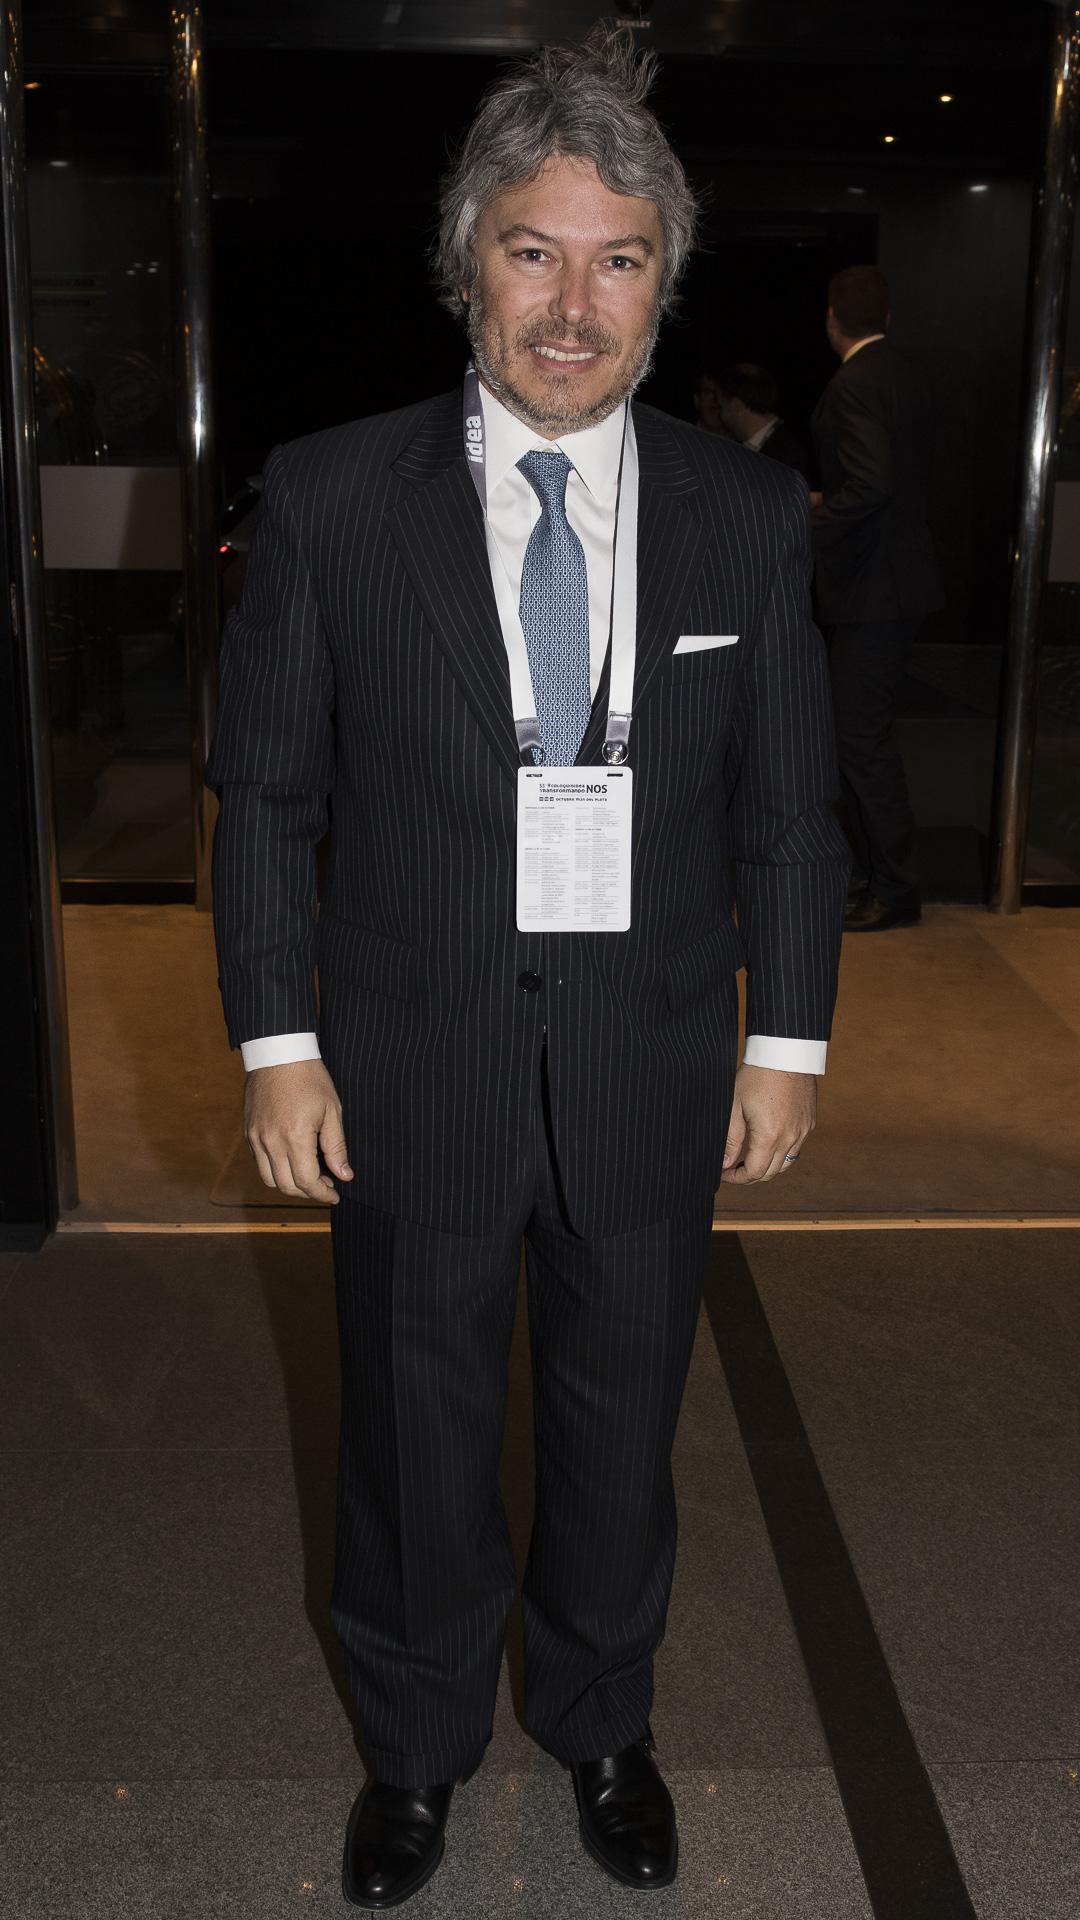 Mauricio Federici, el presidente de la Unidad de Investigaciòn Financiera (UIF)